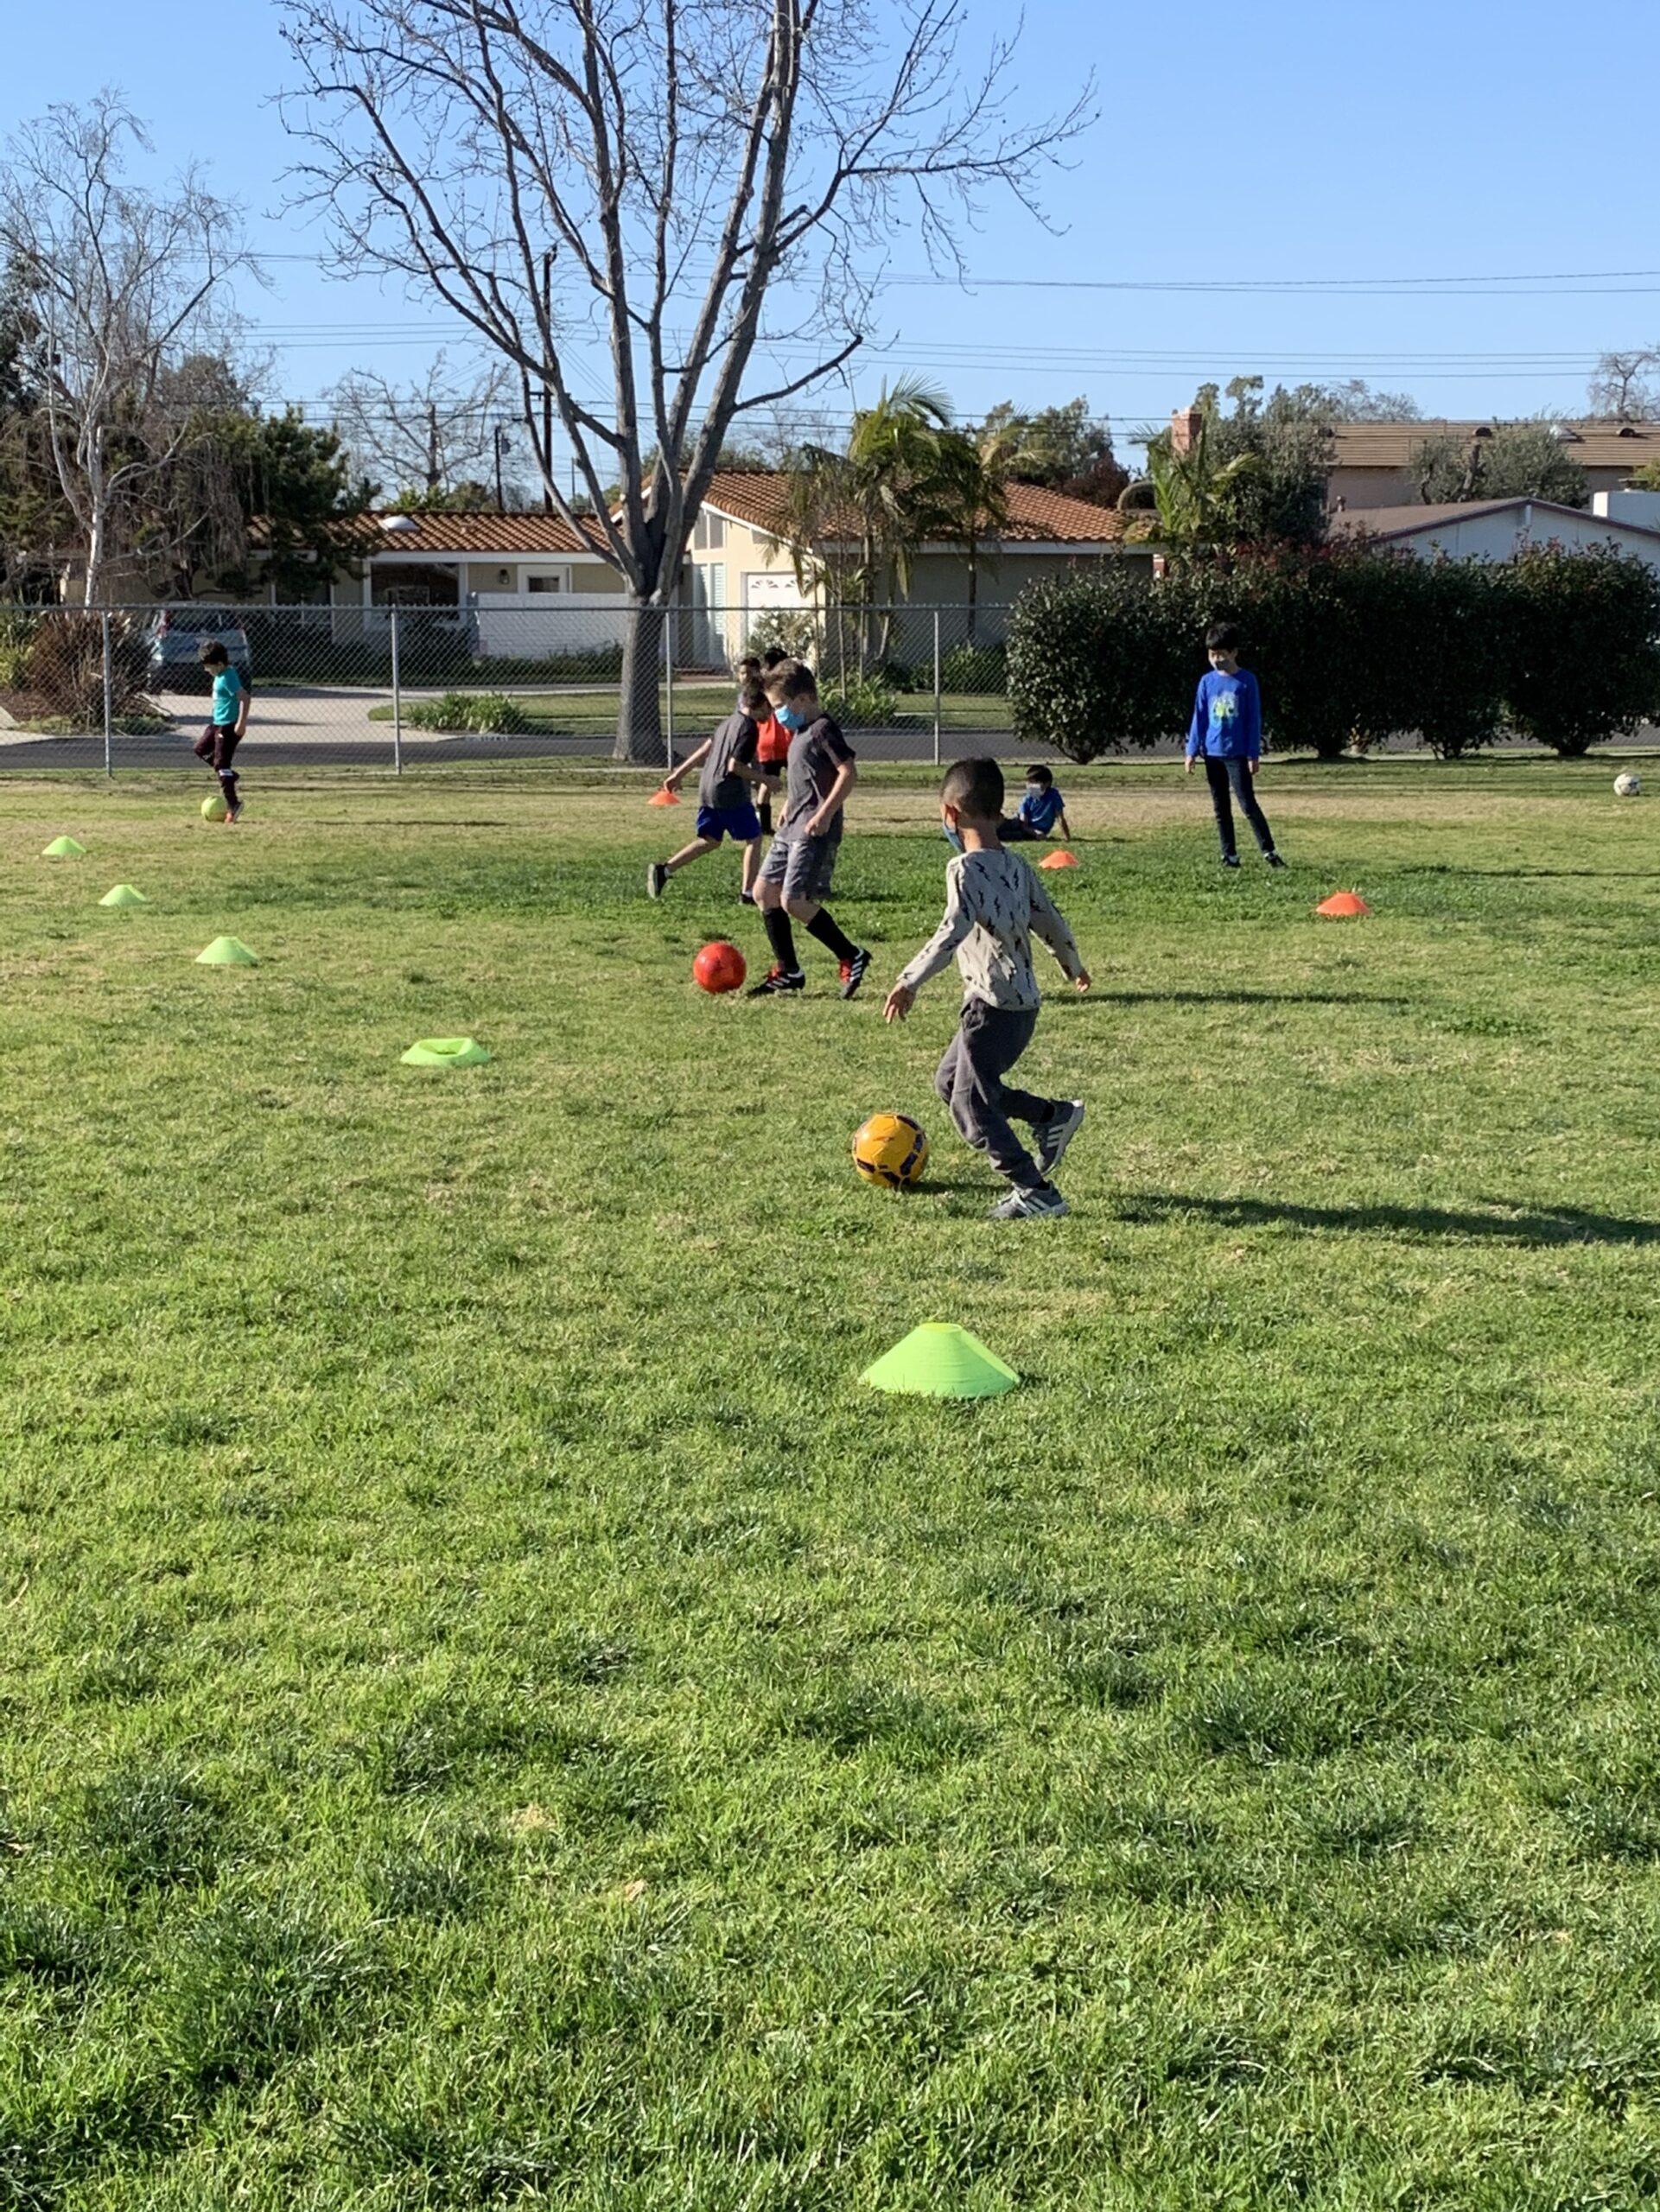 Philip DeMatteo Continues to Sponsor LAEF & Los Al Kids